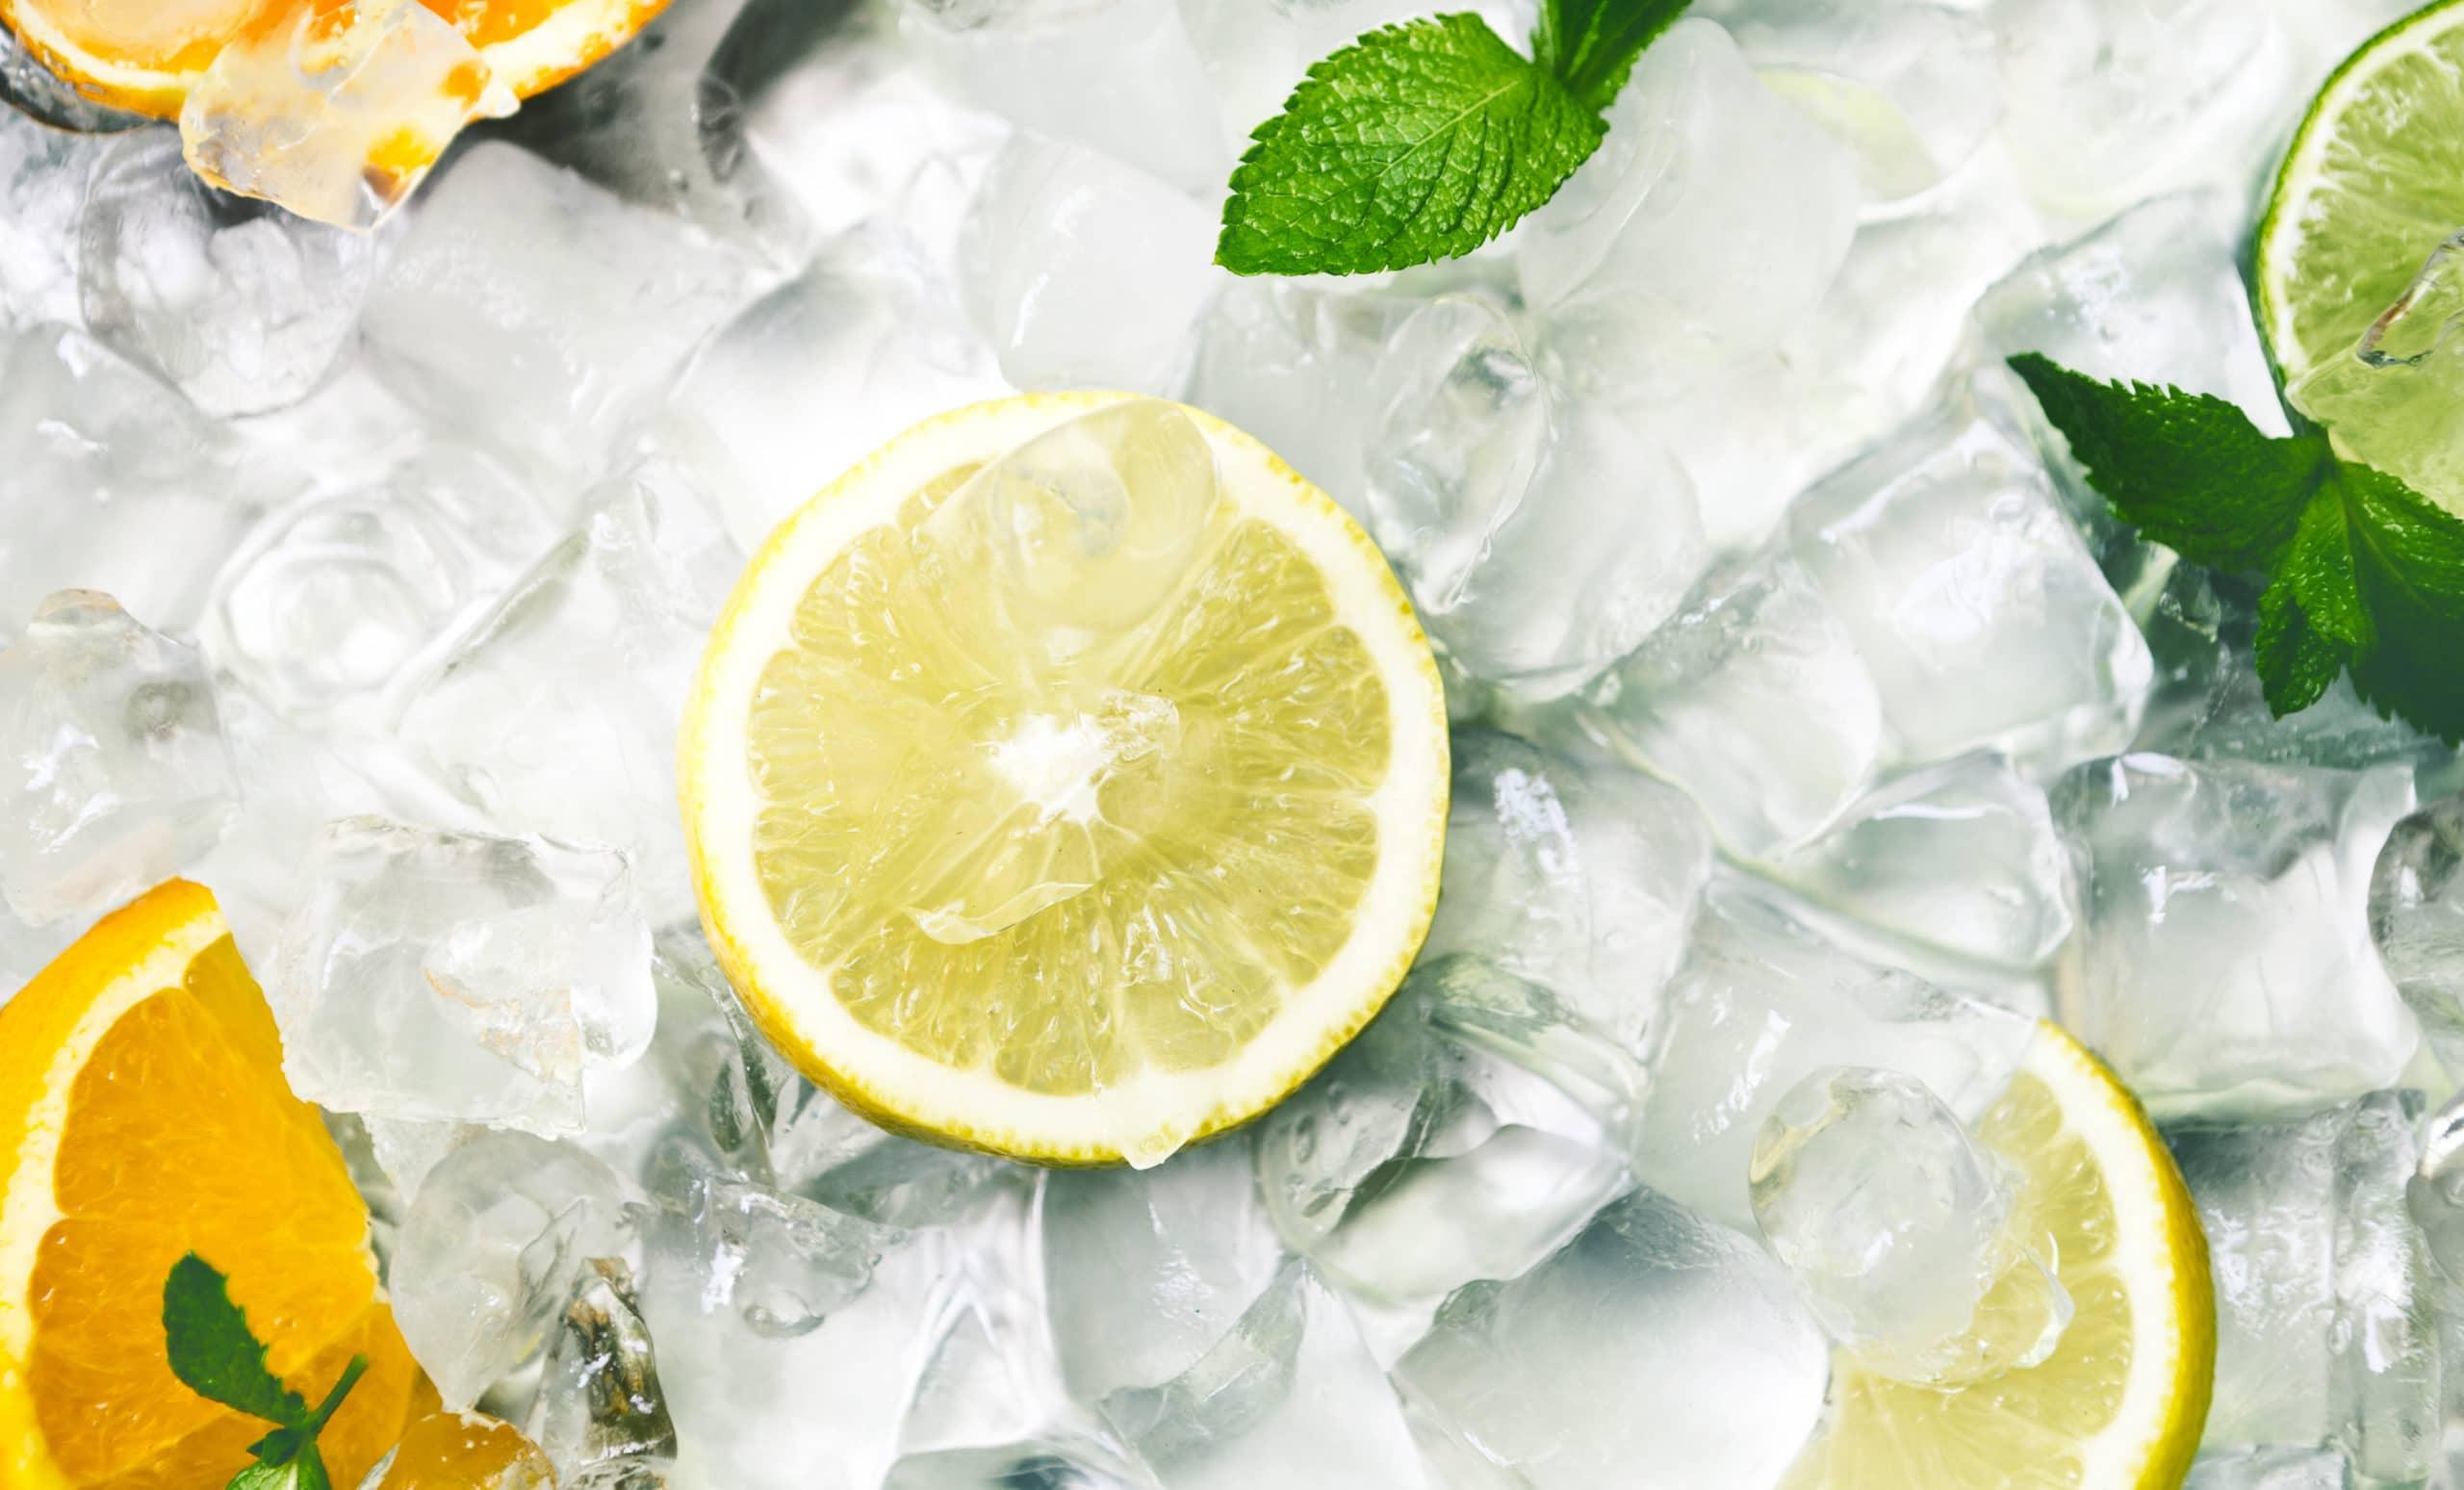 Nueve ideas para utilizar tu hielo premium: cócteles, cocina, usos que no esperabas…